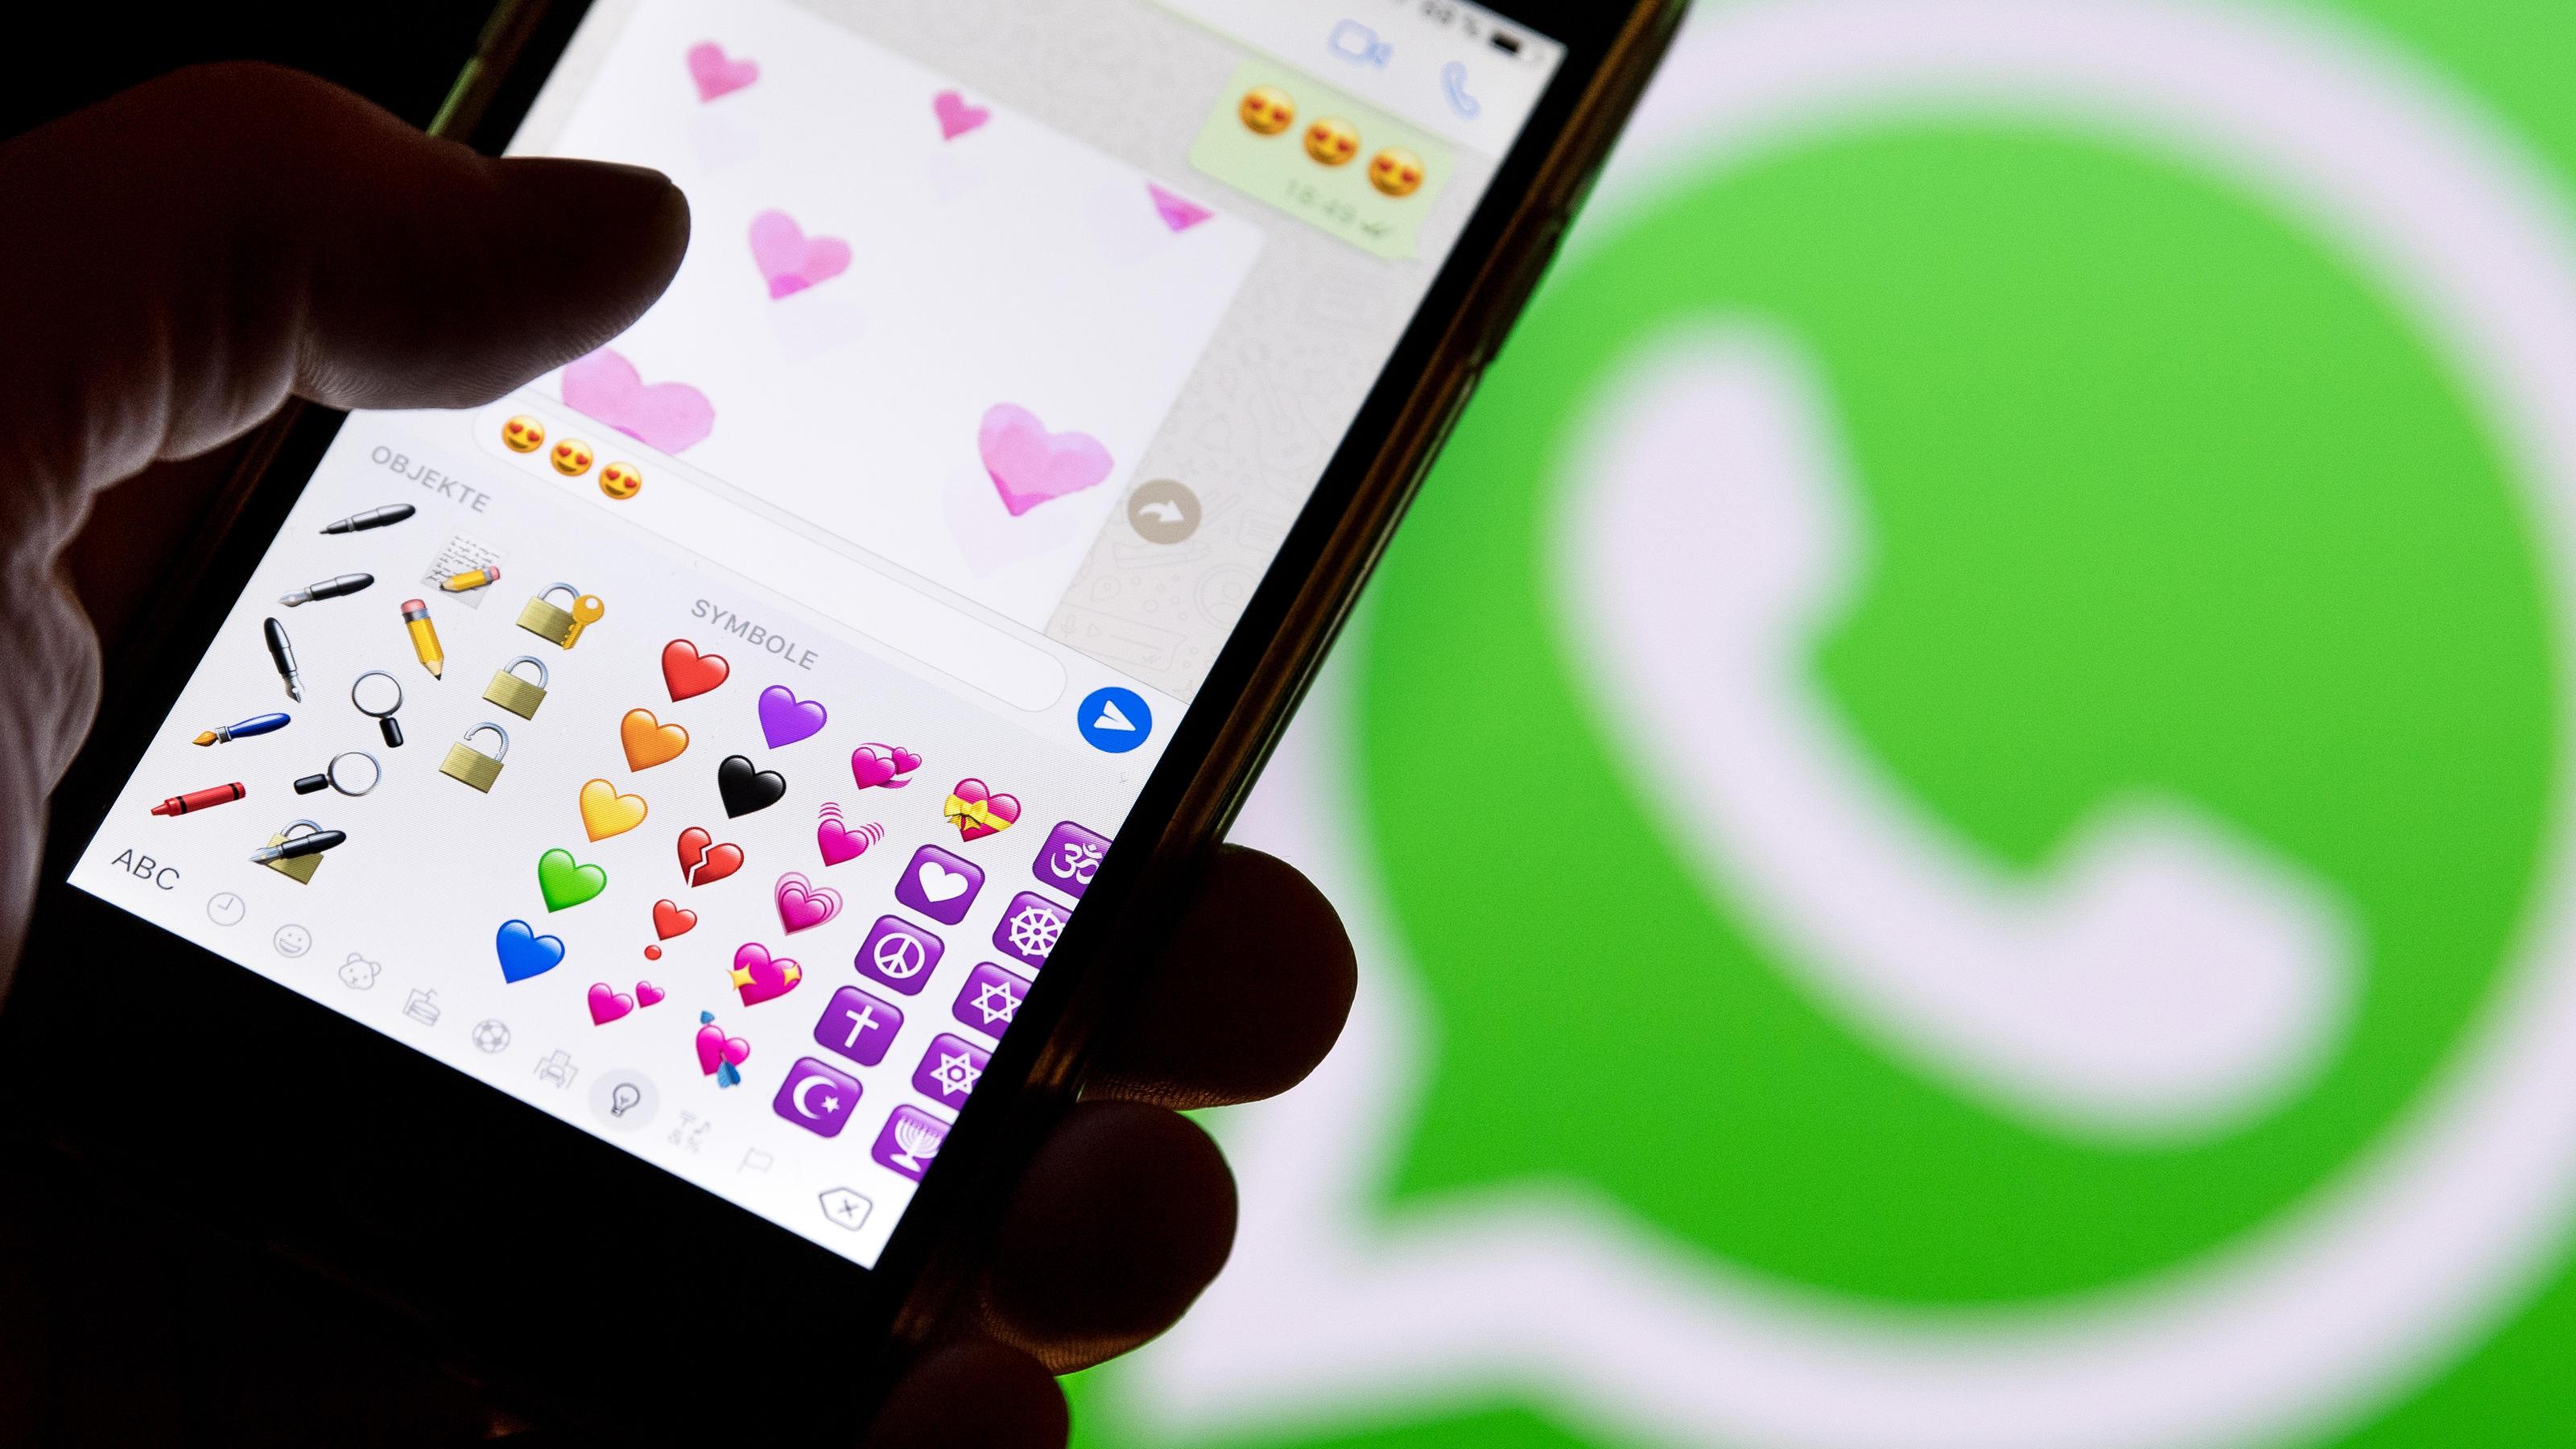 Das ändert Sich 2019 Bei Whatsapp